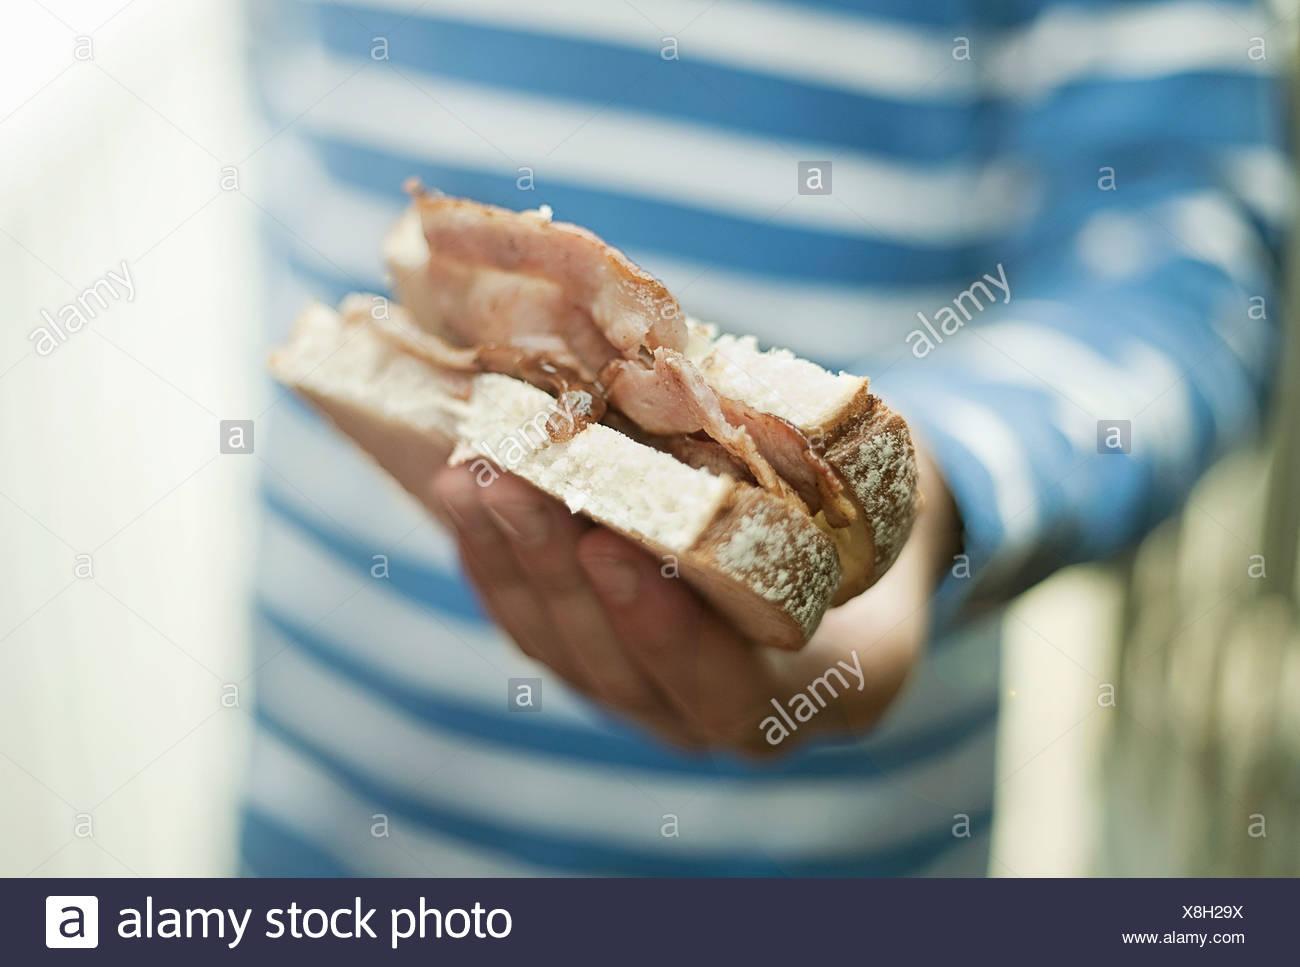 Ragazzo holding sandwich di pancetta Immagini Stock